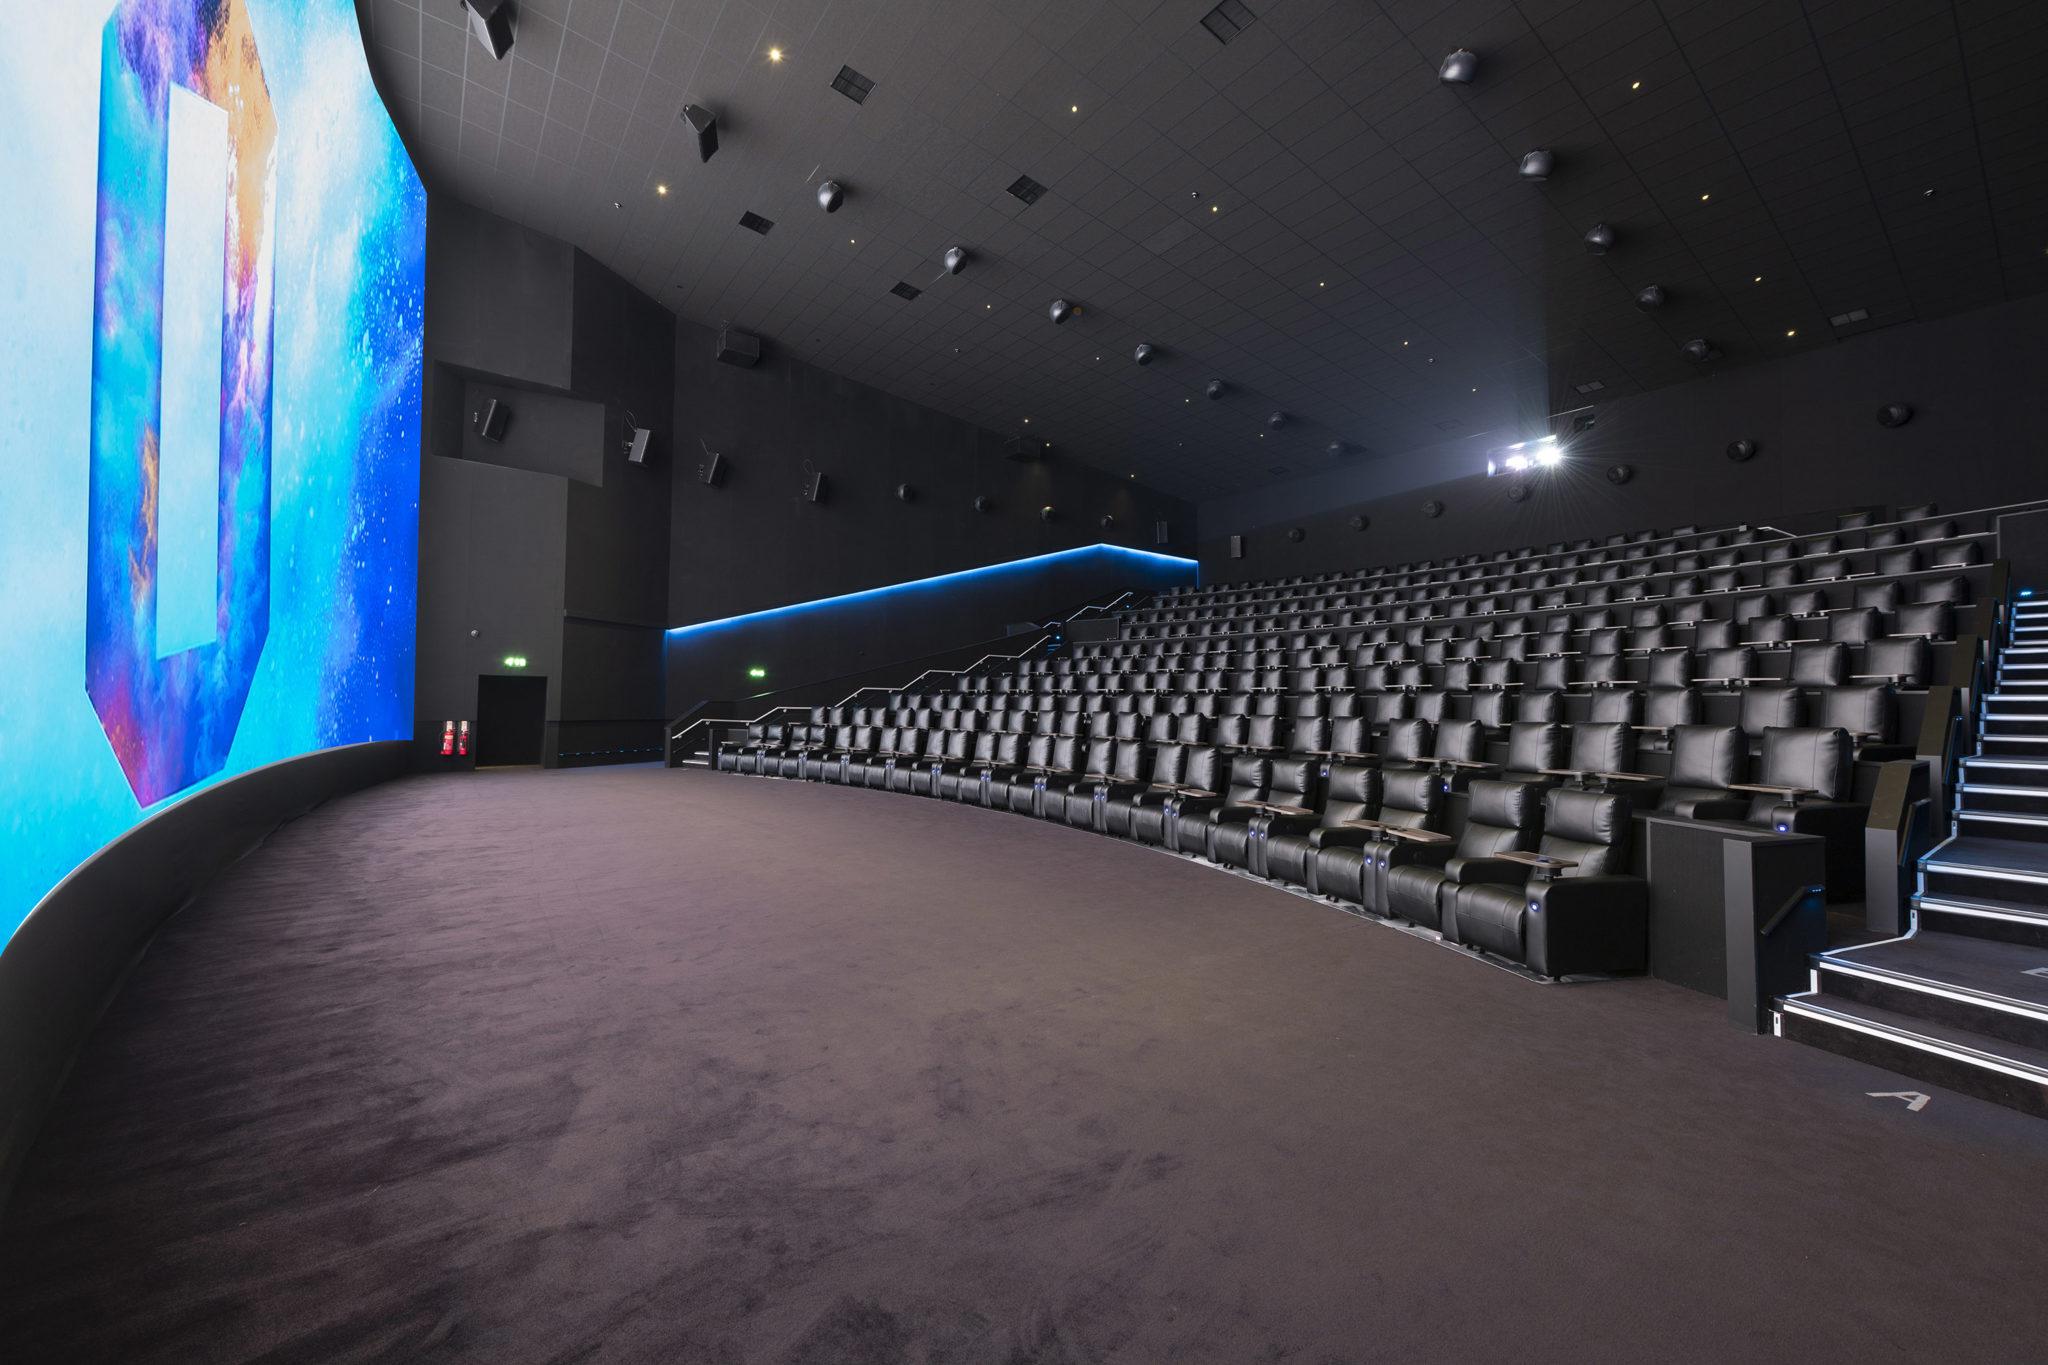 Odeon Cinema Leeds Thorpe Park